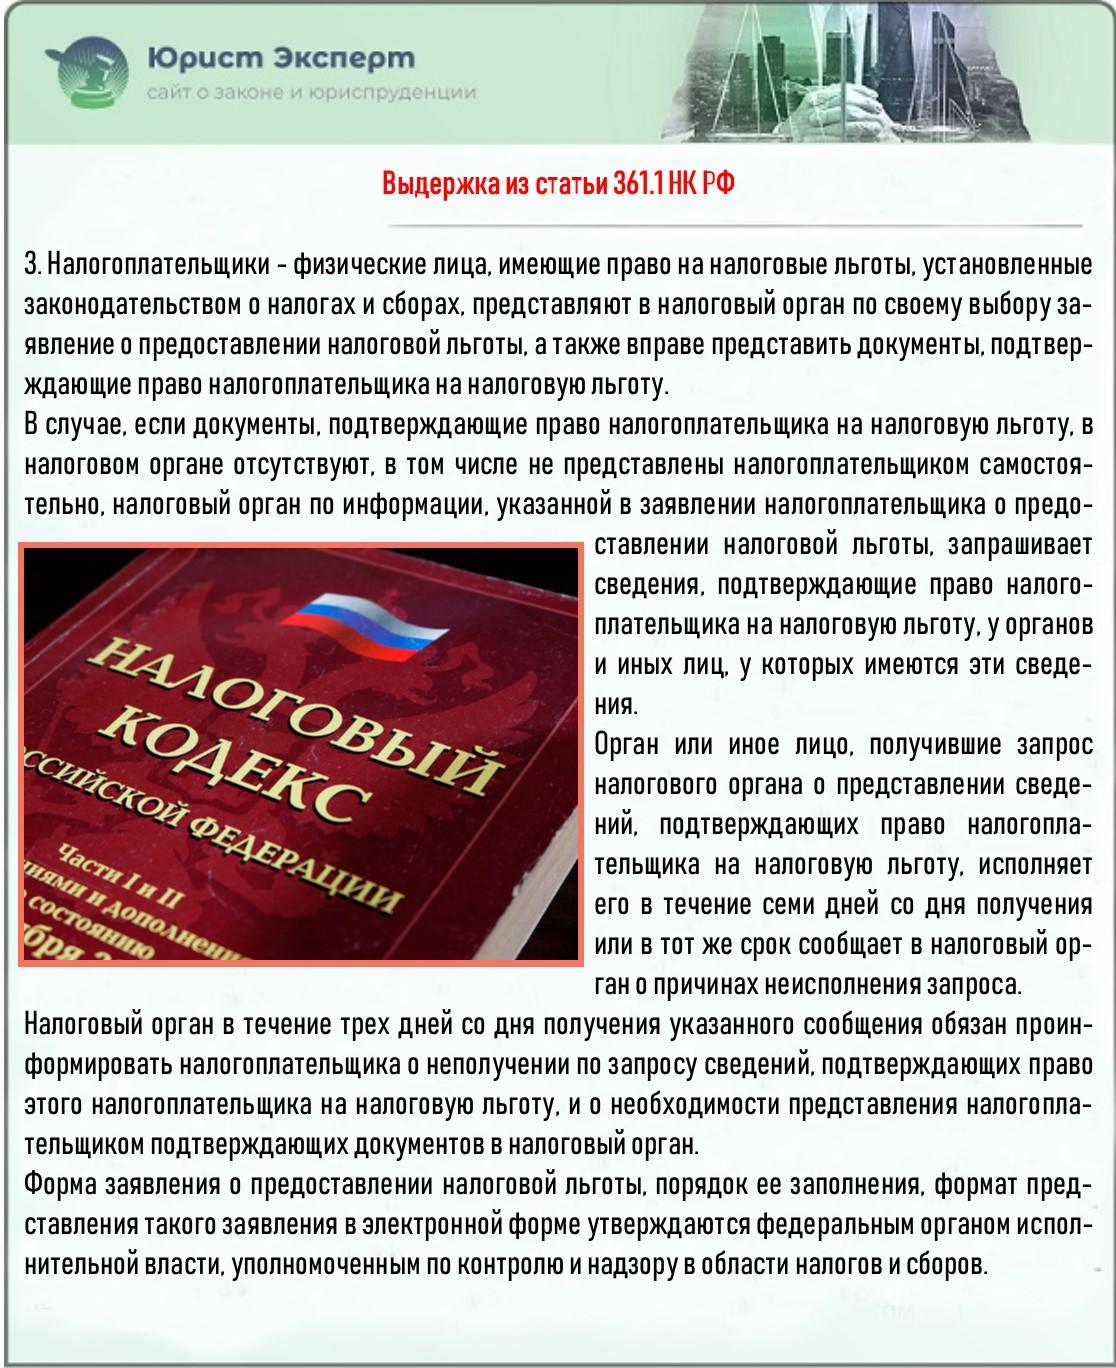 Выдержка из статьи 361.1 НК РФ